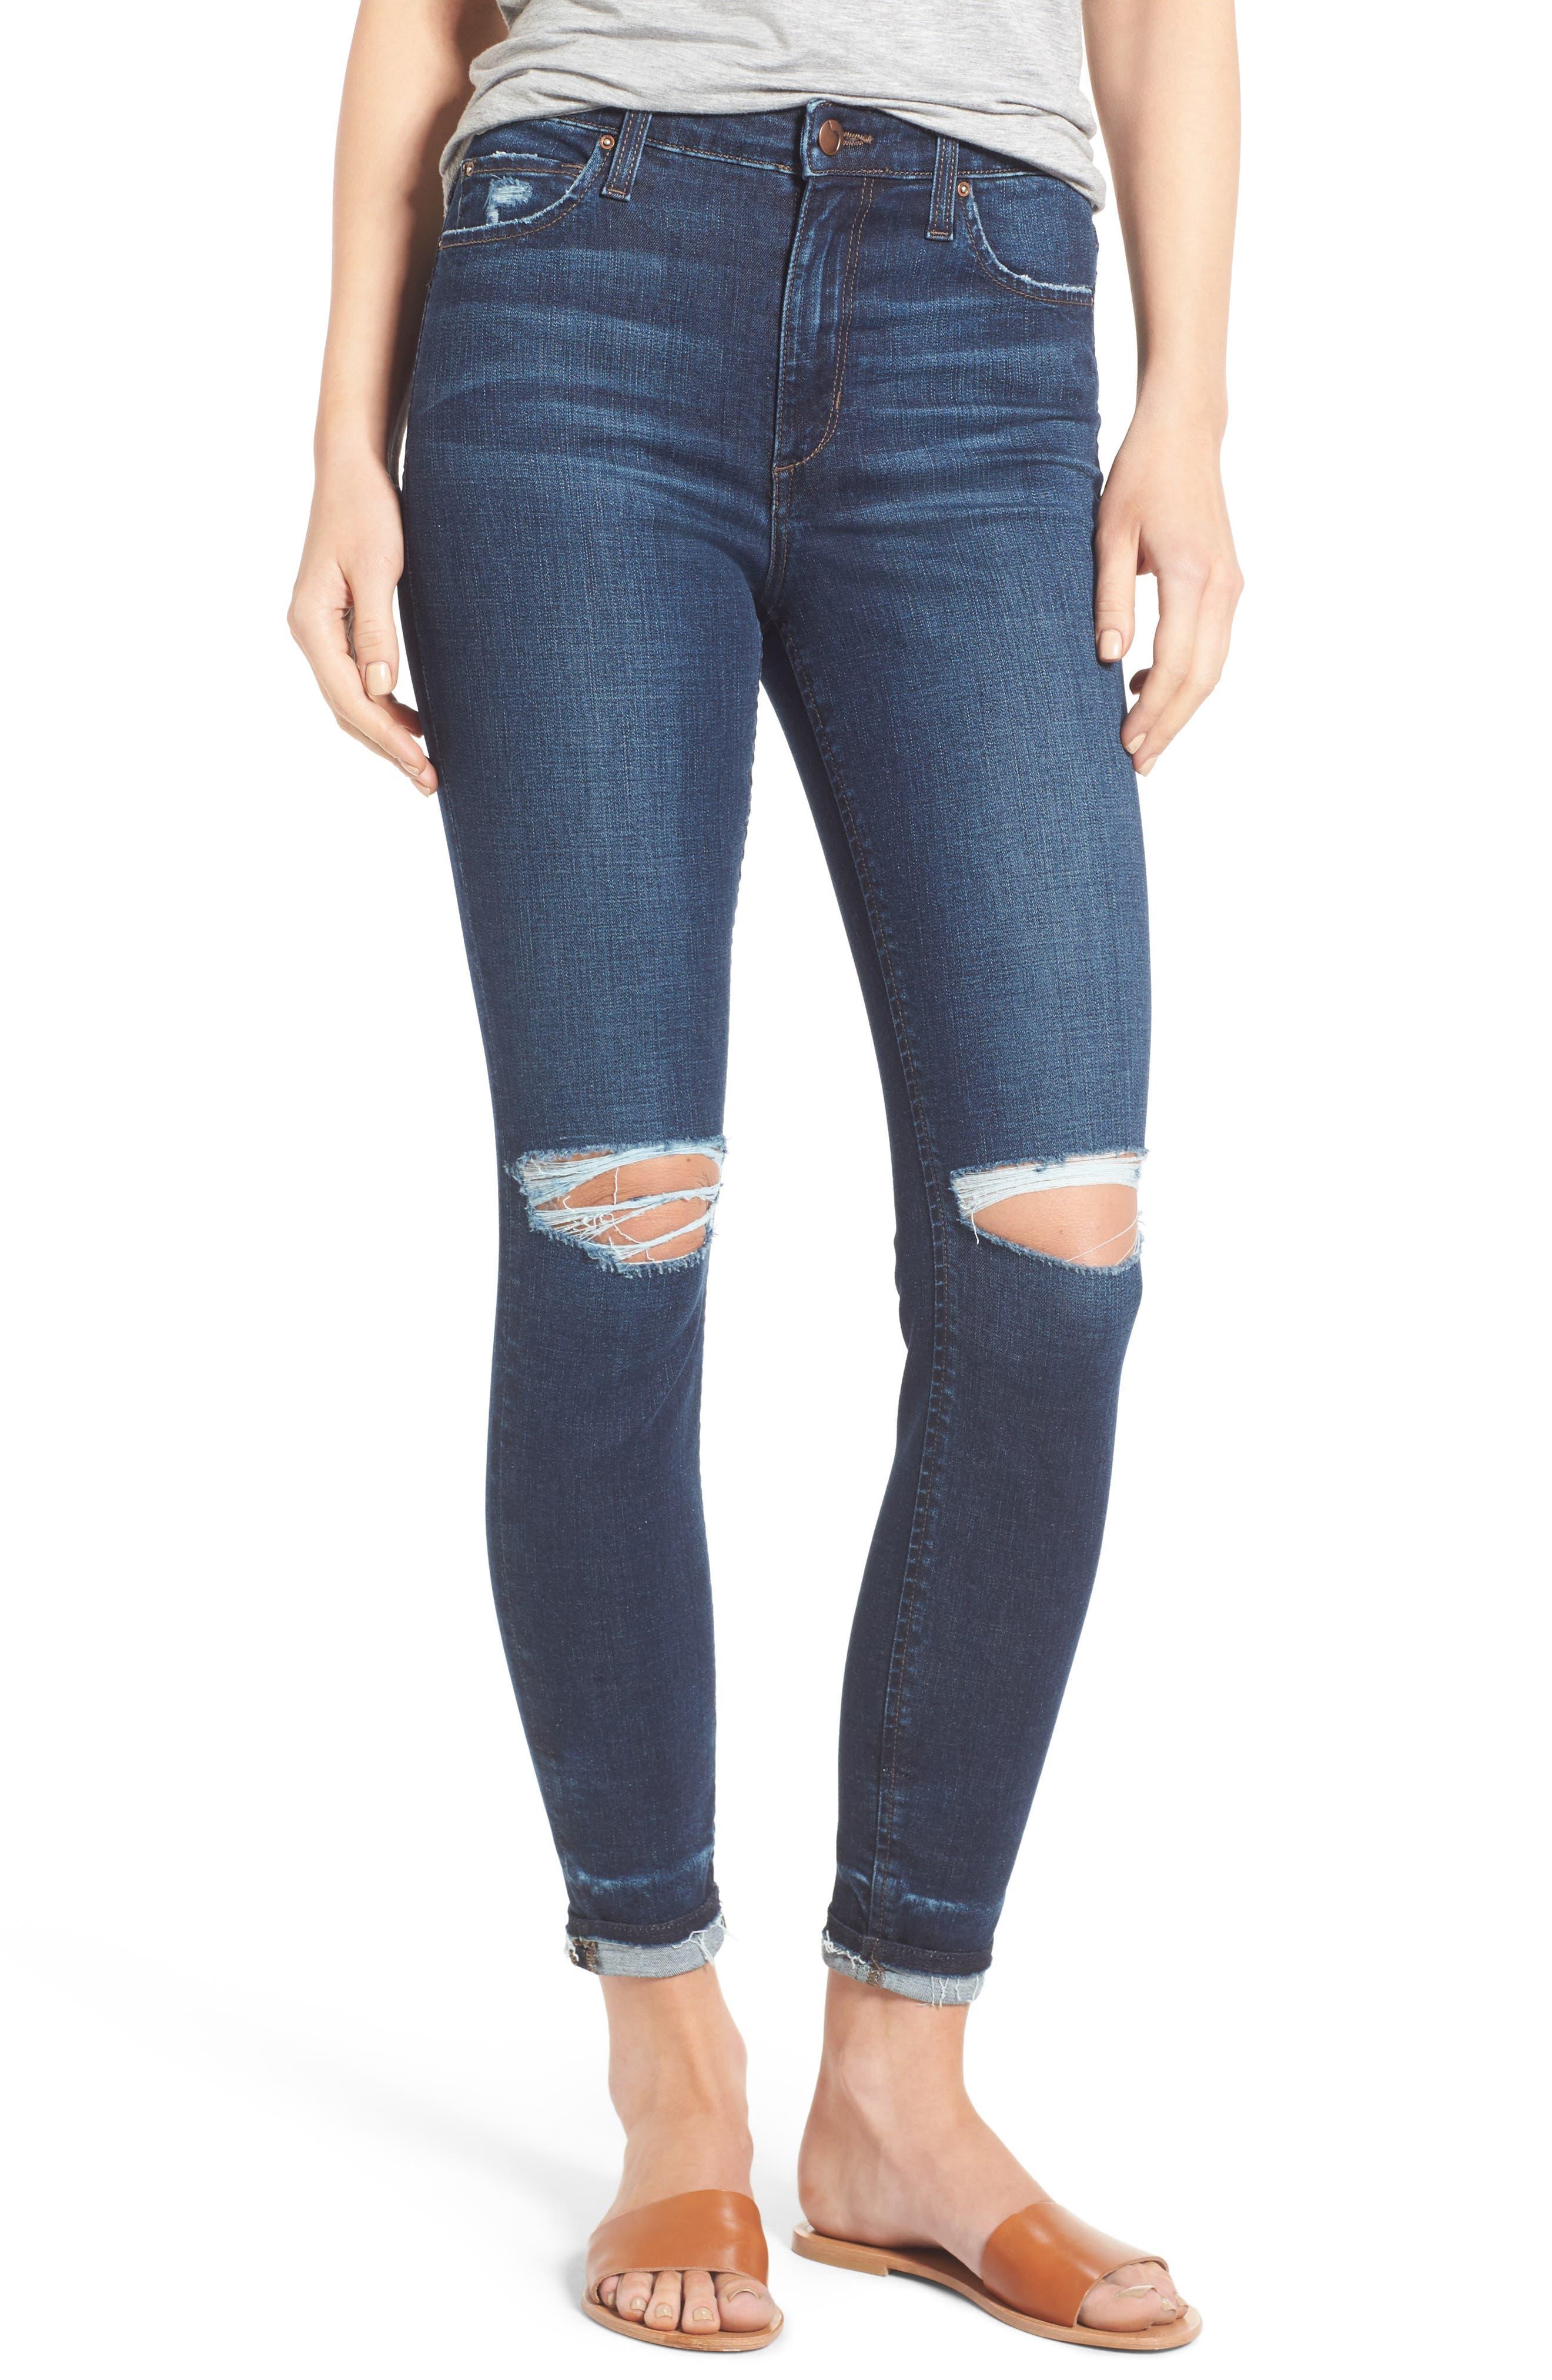 JOE'S Flawless - Charlie Markie Crop Skinny Jeans